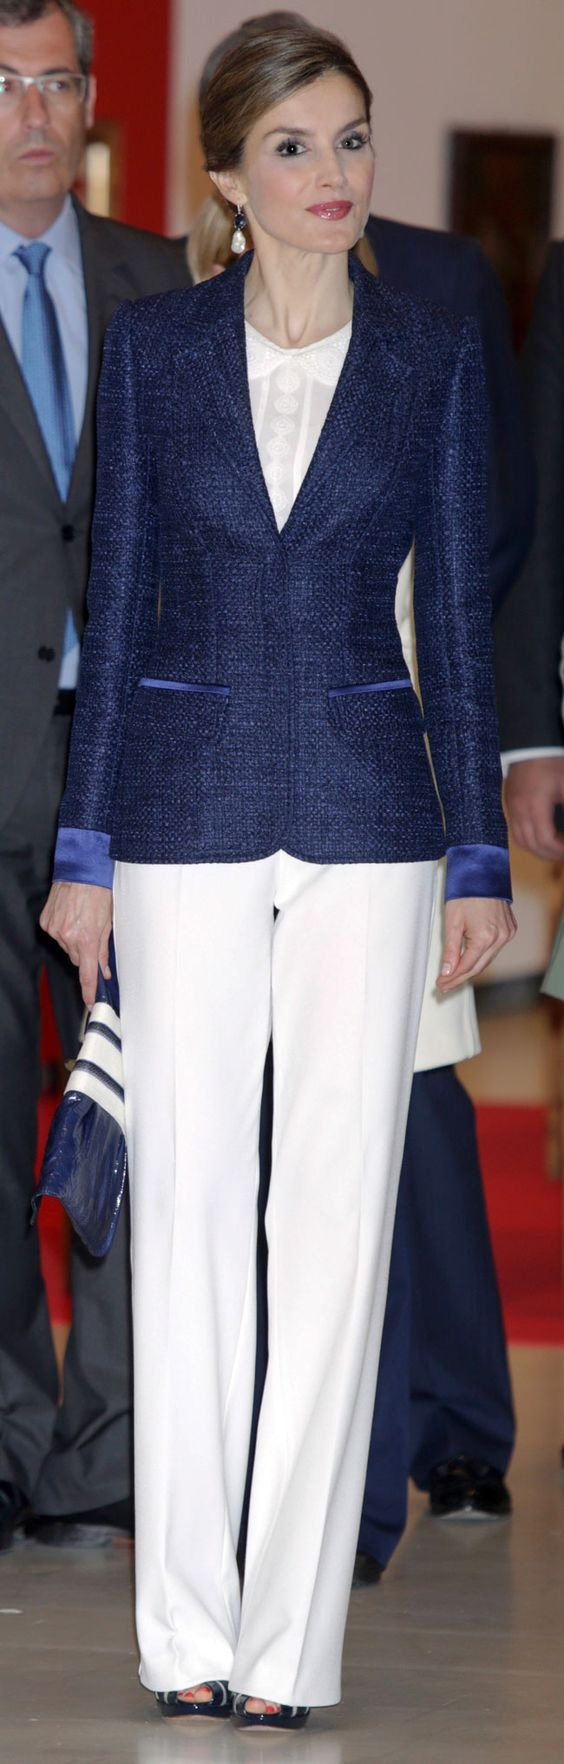 شیکترین مدل جدید کت شلوار زنانه دو رنگ آبی سورمه ای و سفید